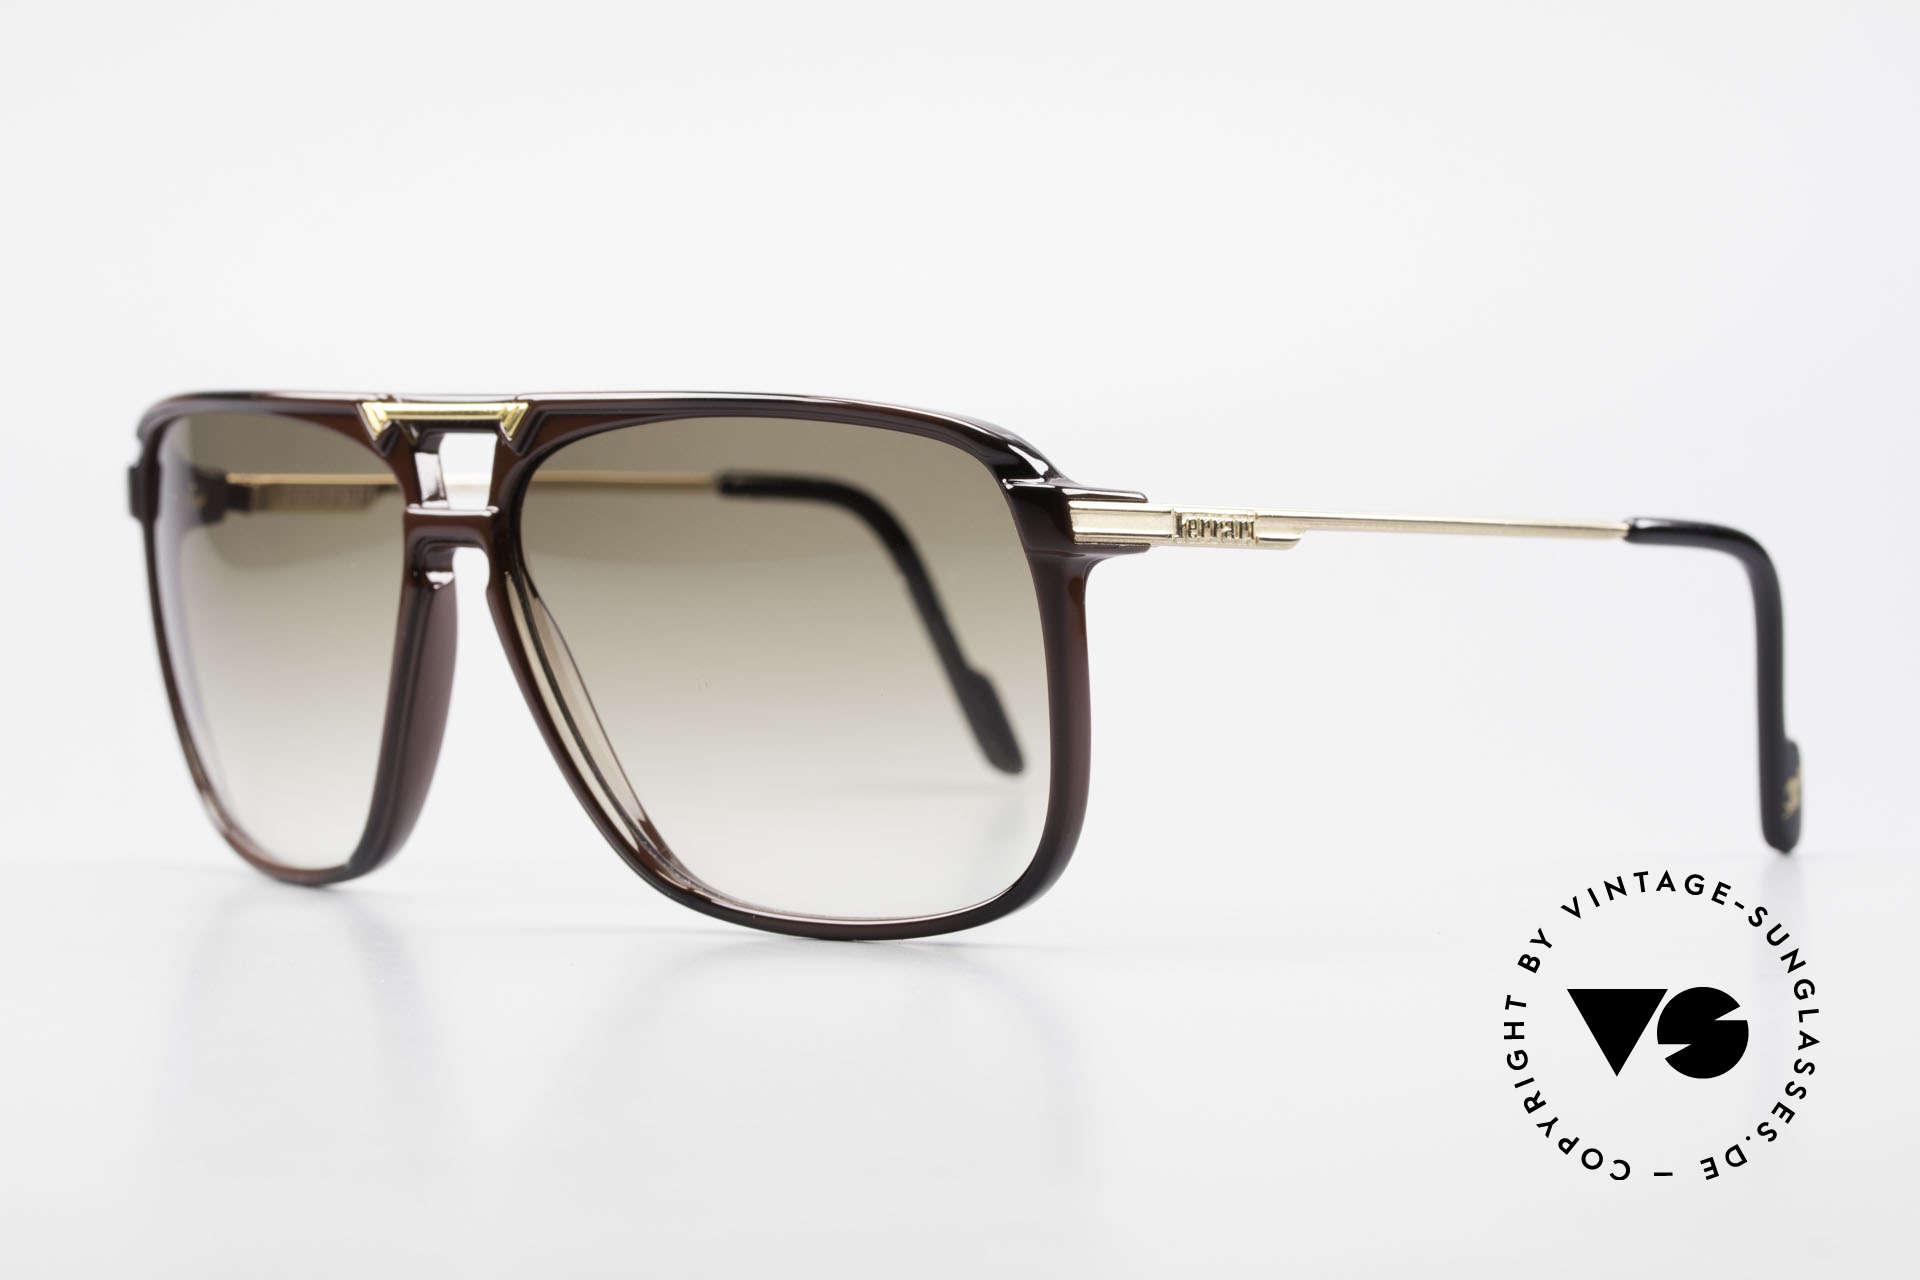 Ferrari F36/S Karbon Herren Sonnenbrille, Karbon-Fassung mit 52mm Höhe: Large Sonnenbrille, Passend für Herren